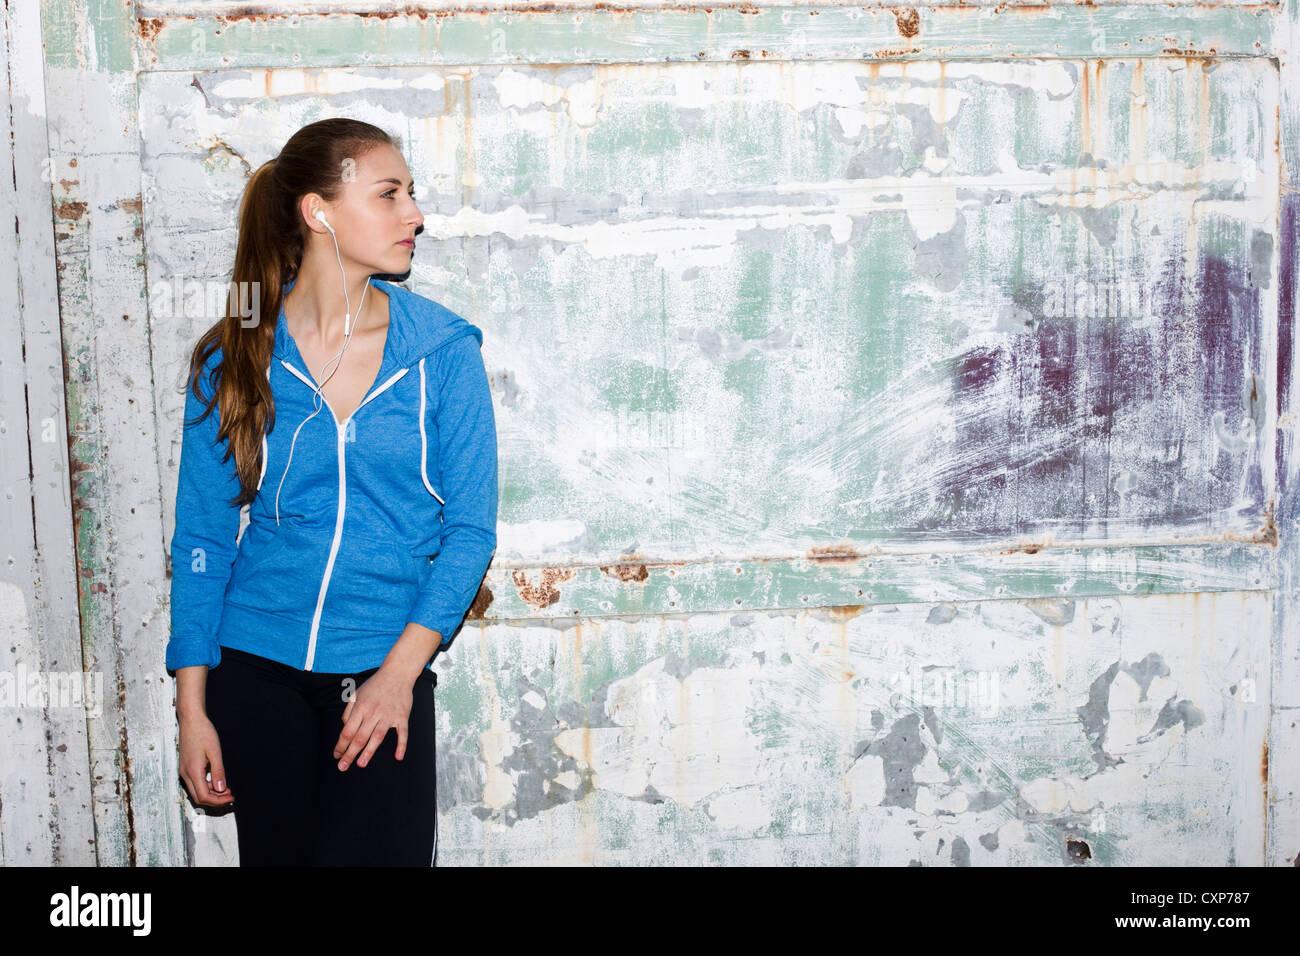 Femme portant des vêtements de sport Photo Stock